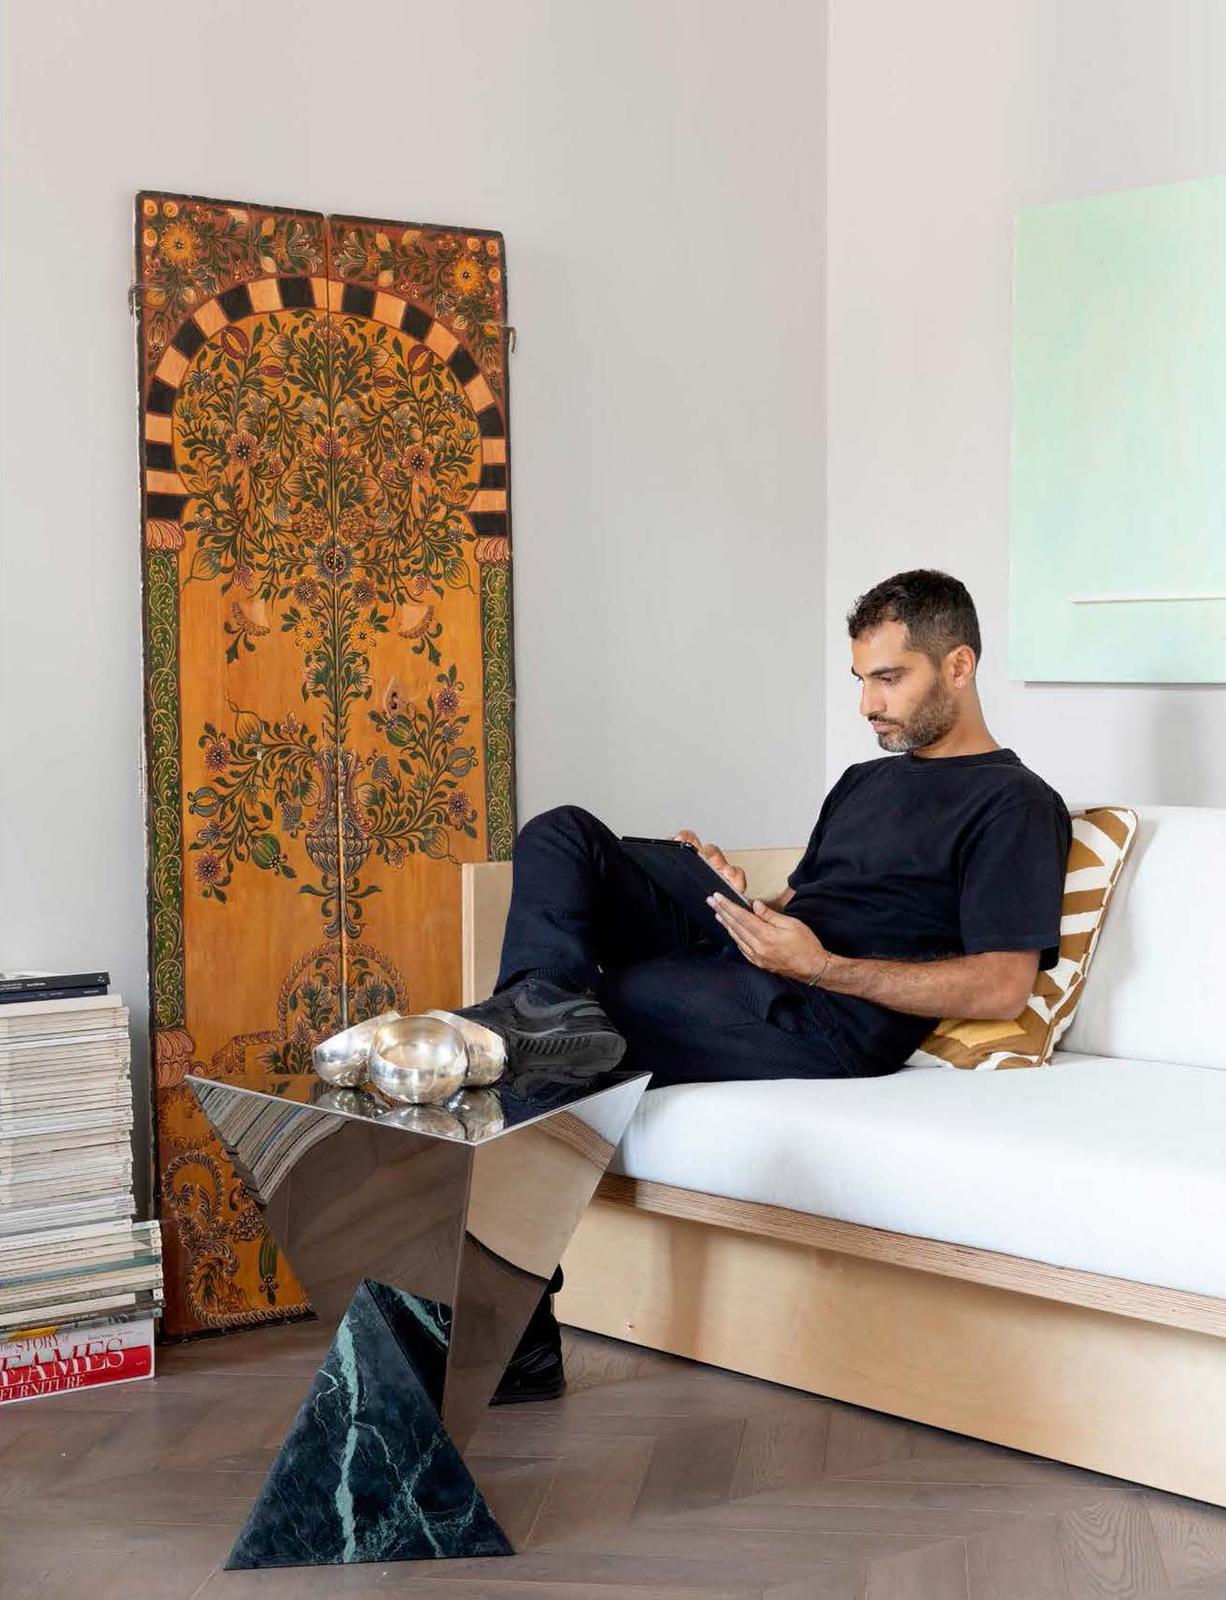 Rudy faissal lit studio tavolo in verde vermont acciaio inox insta